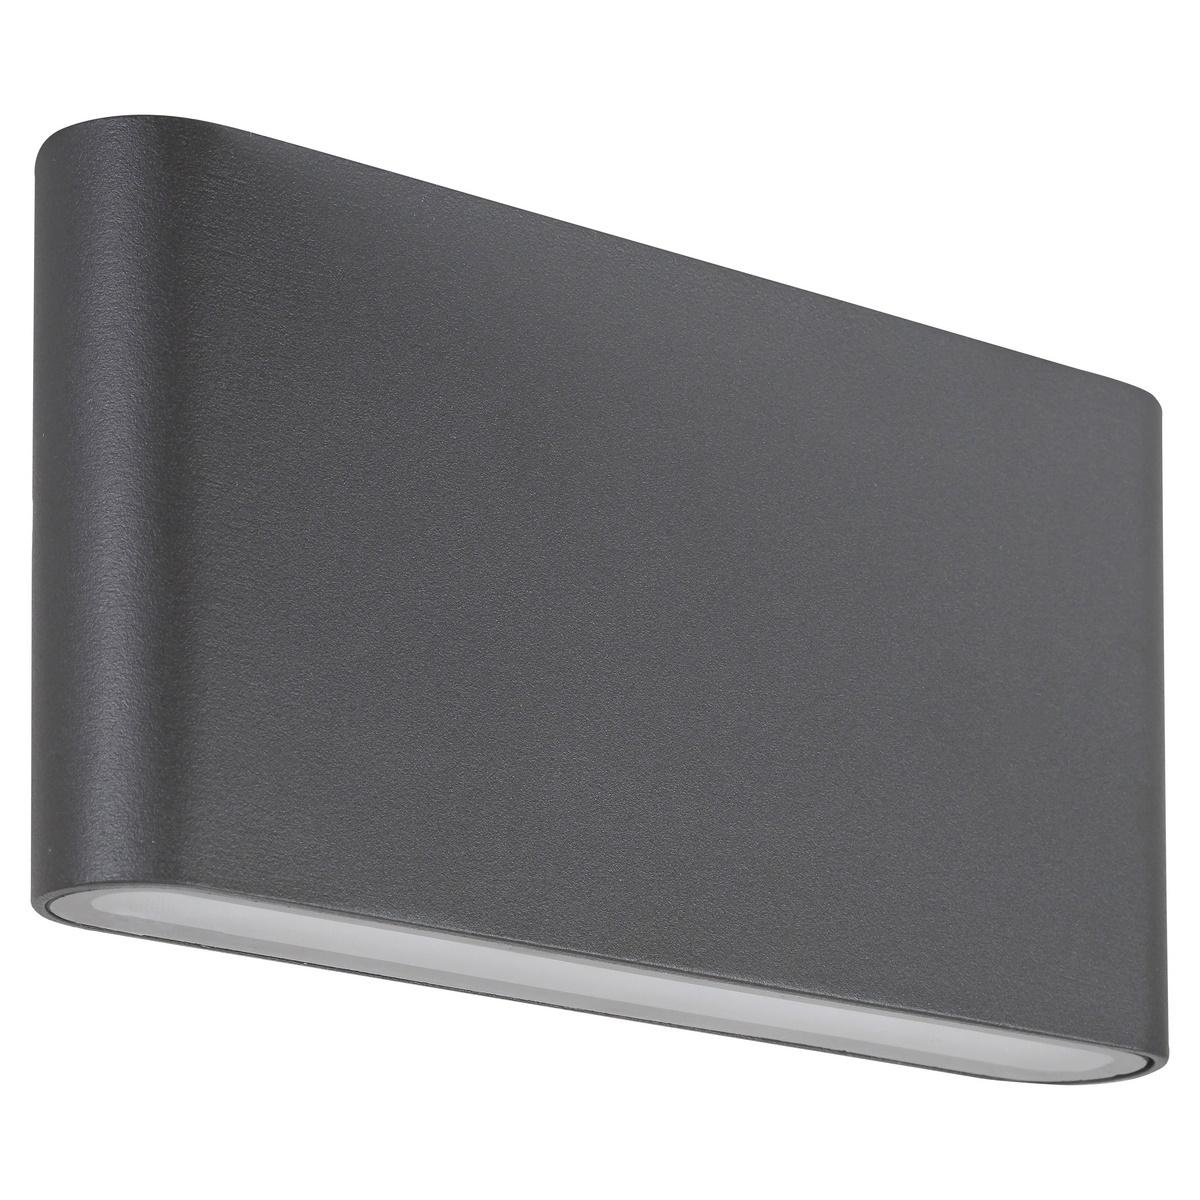 Rabalux 7952 Nesna Venkovní LED nástěnné svítidlo, černá